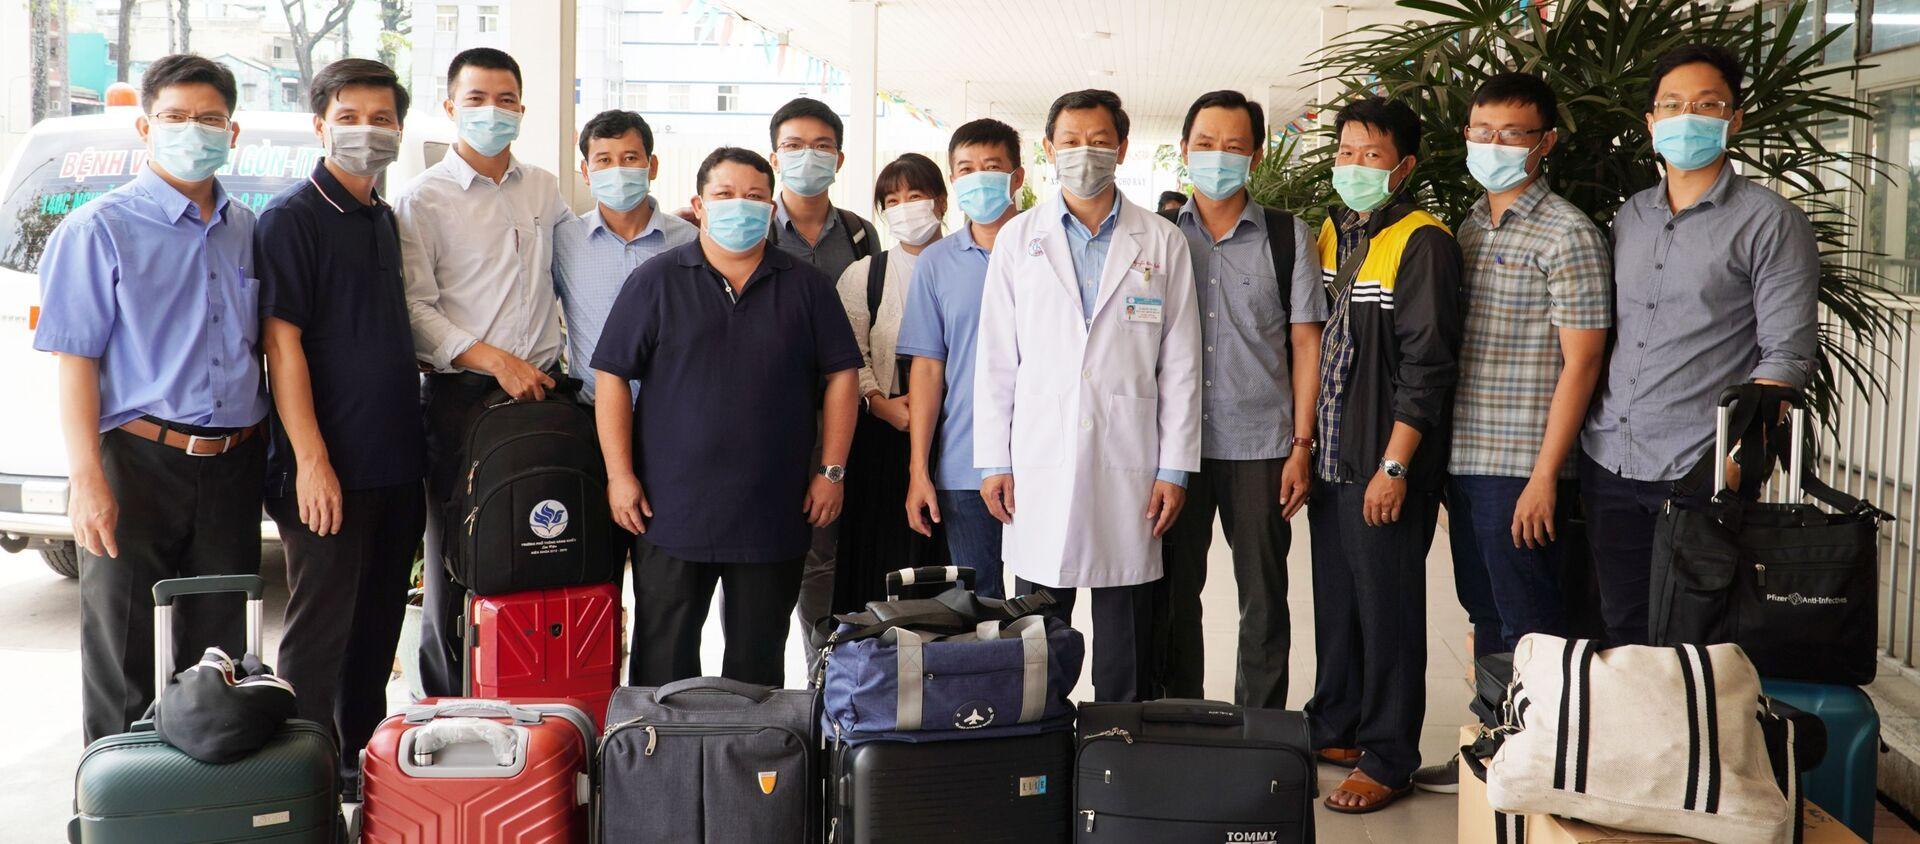 COVID-19: Đội phản ứng nhanh Bệnh viện Chợ Rẫy lên đường tăng cường hỗ trợ tỉnh Kiên Giang xây dựng bệnh viện dã chiến - Sputnik Việt Nam, 1920, 19.04.2021